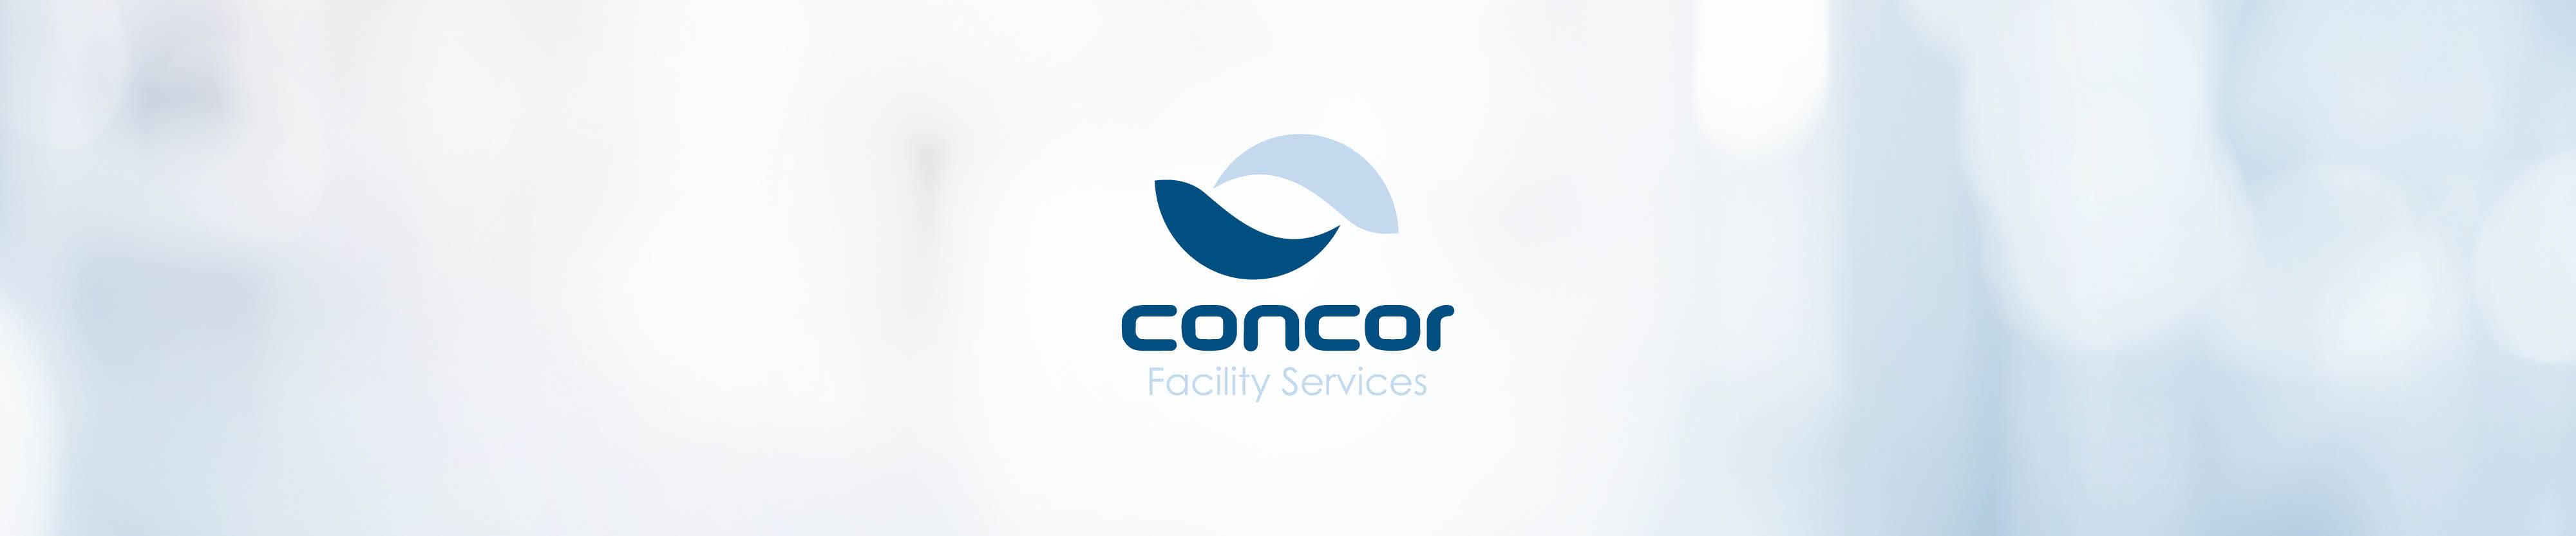 Concor Facility Services Contact Banner